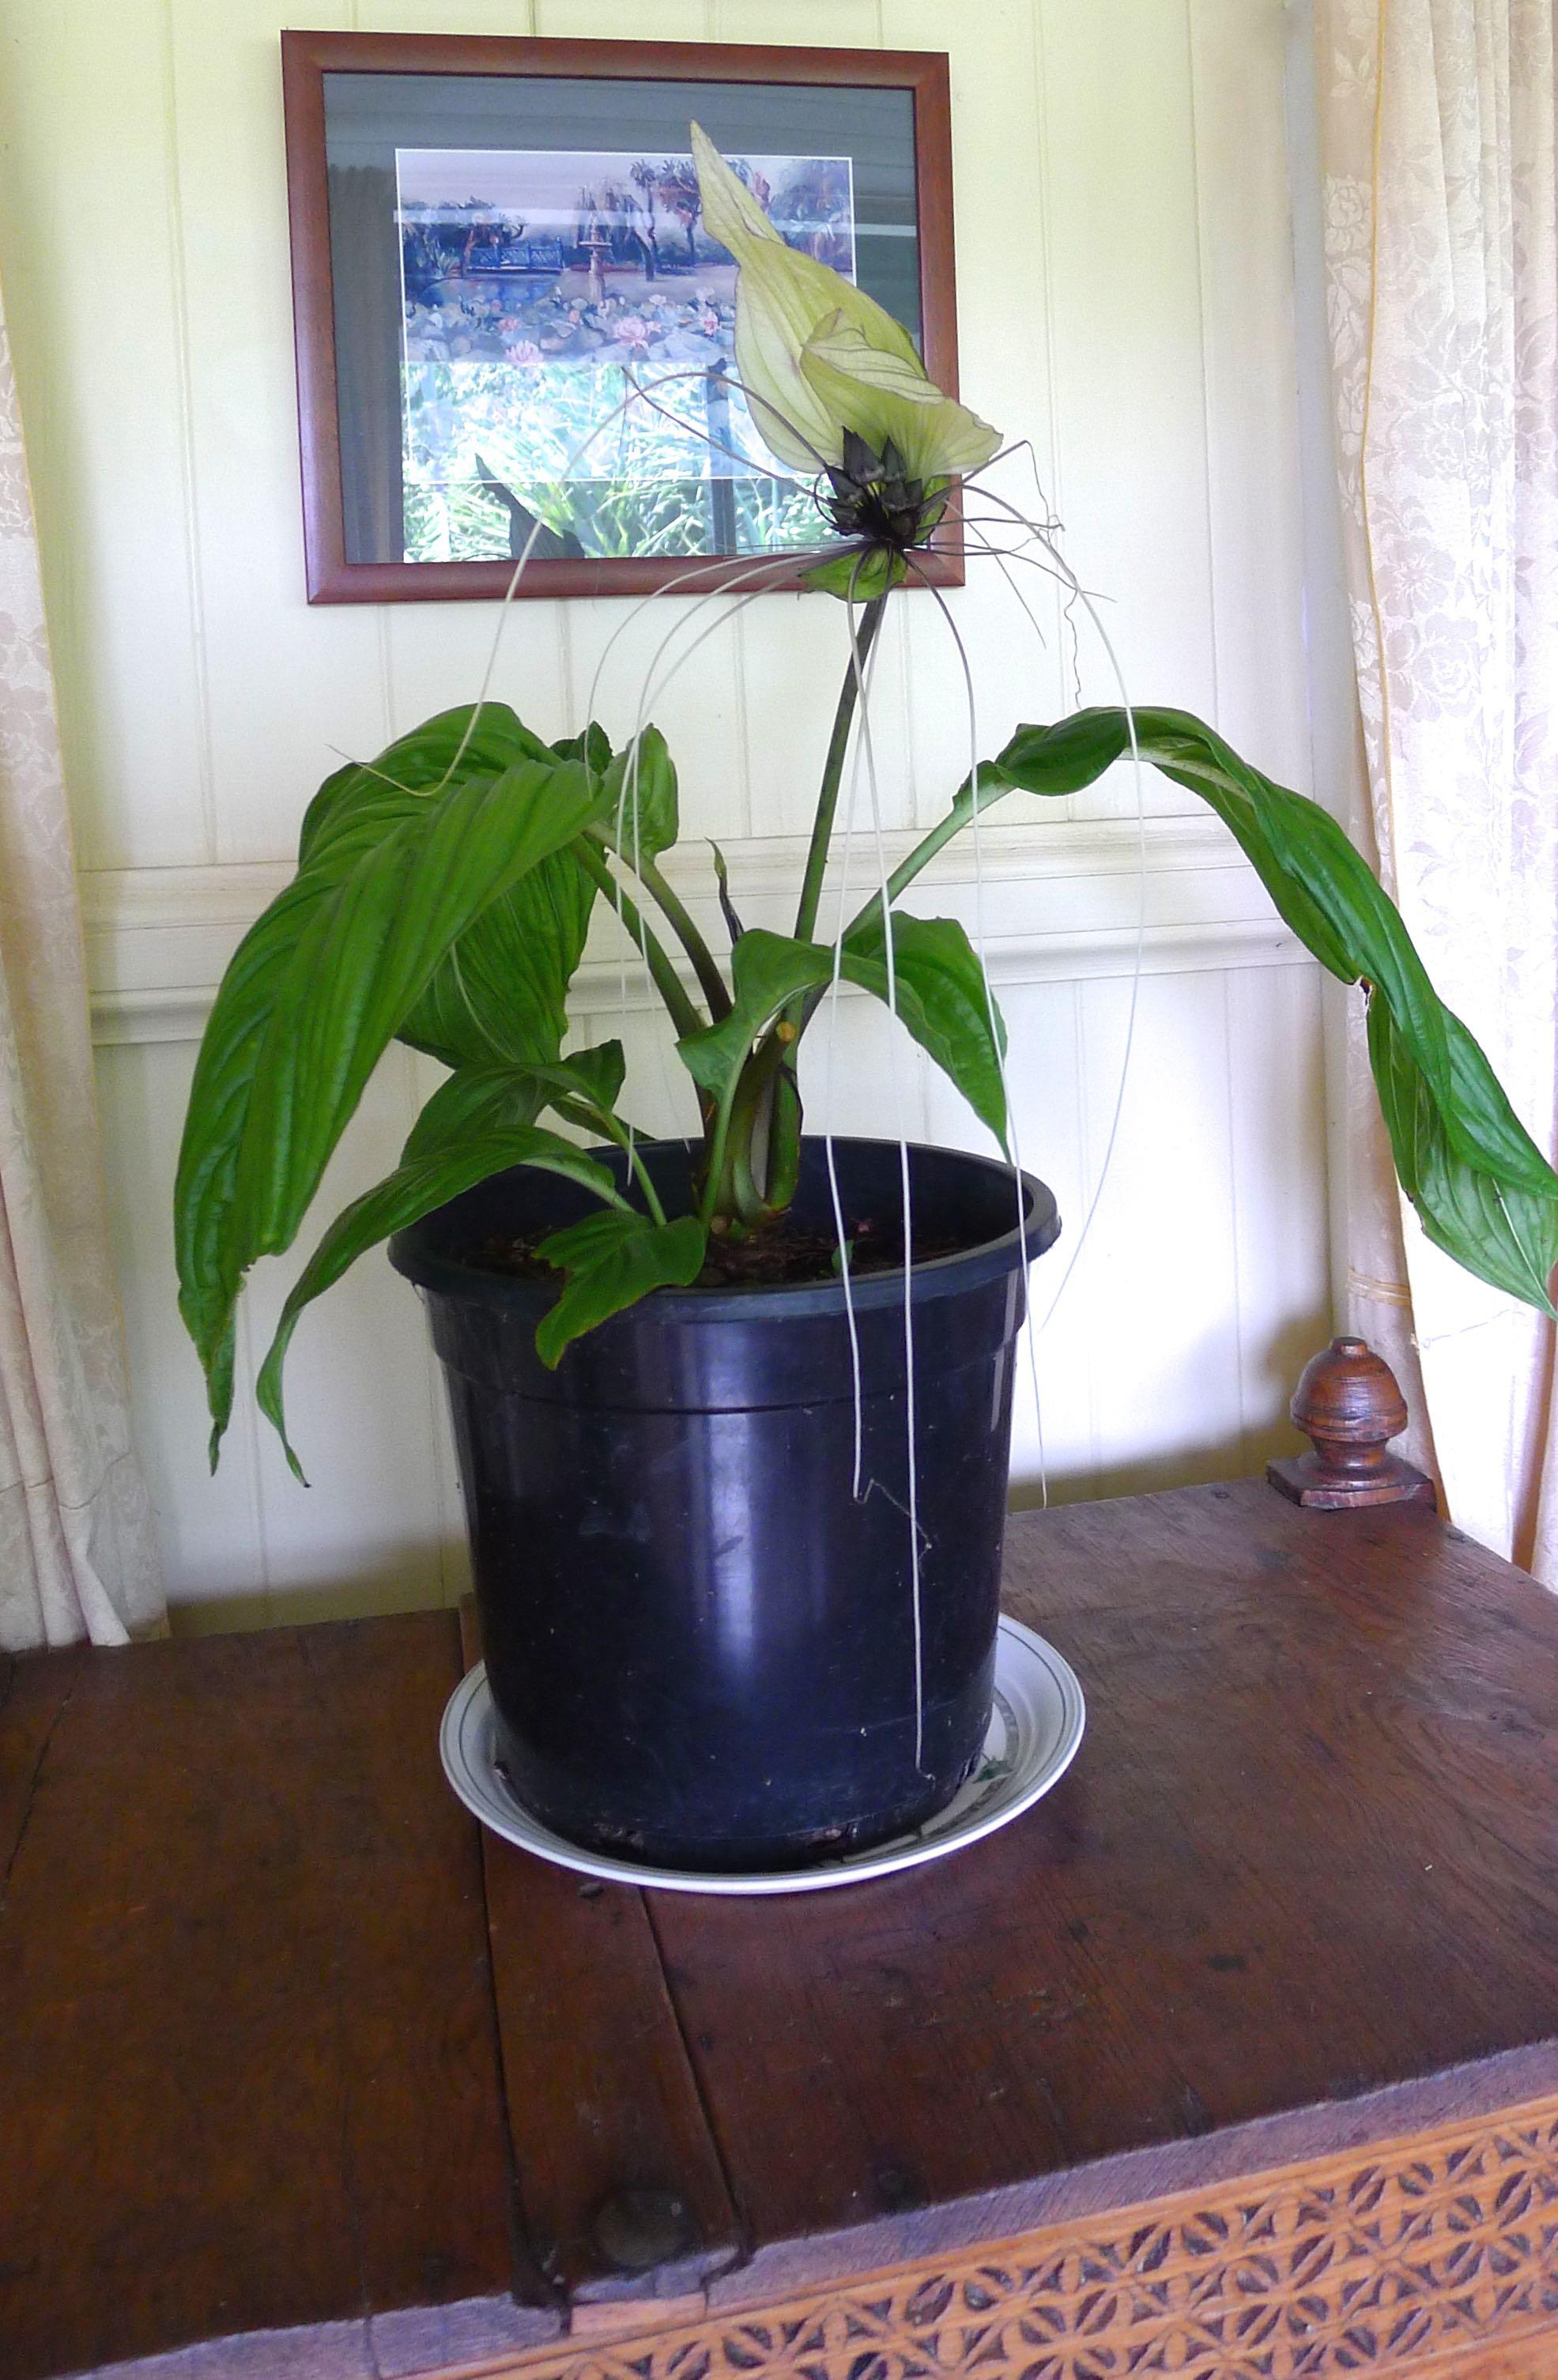 Bat flower tacca chantrieri white form 1 jerry coleby williams jerry coleby williams mightylinksfo